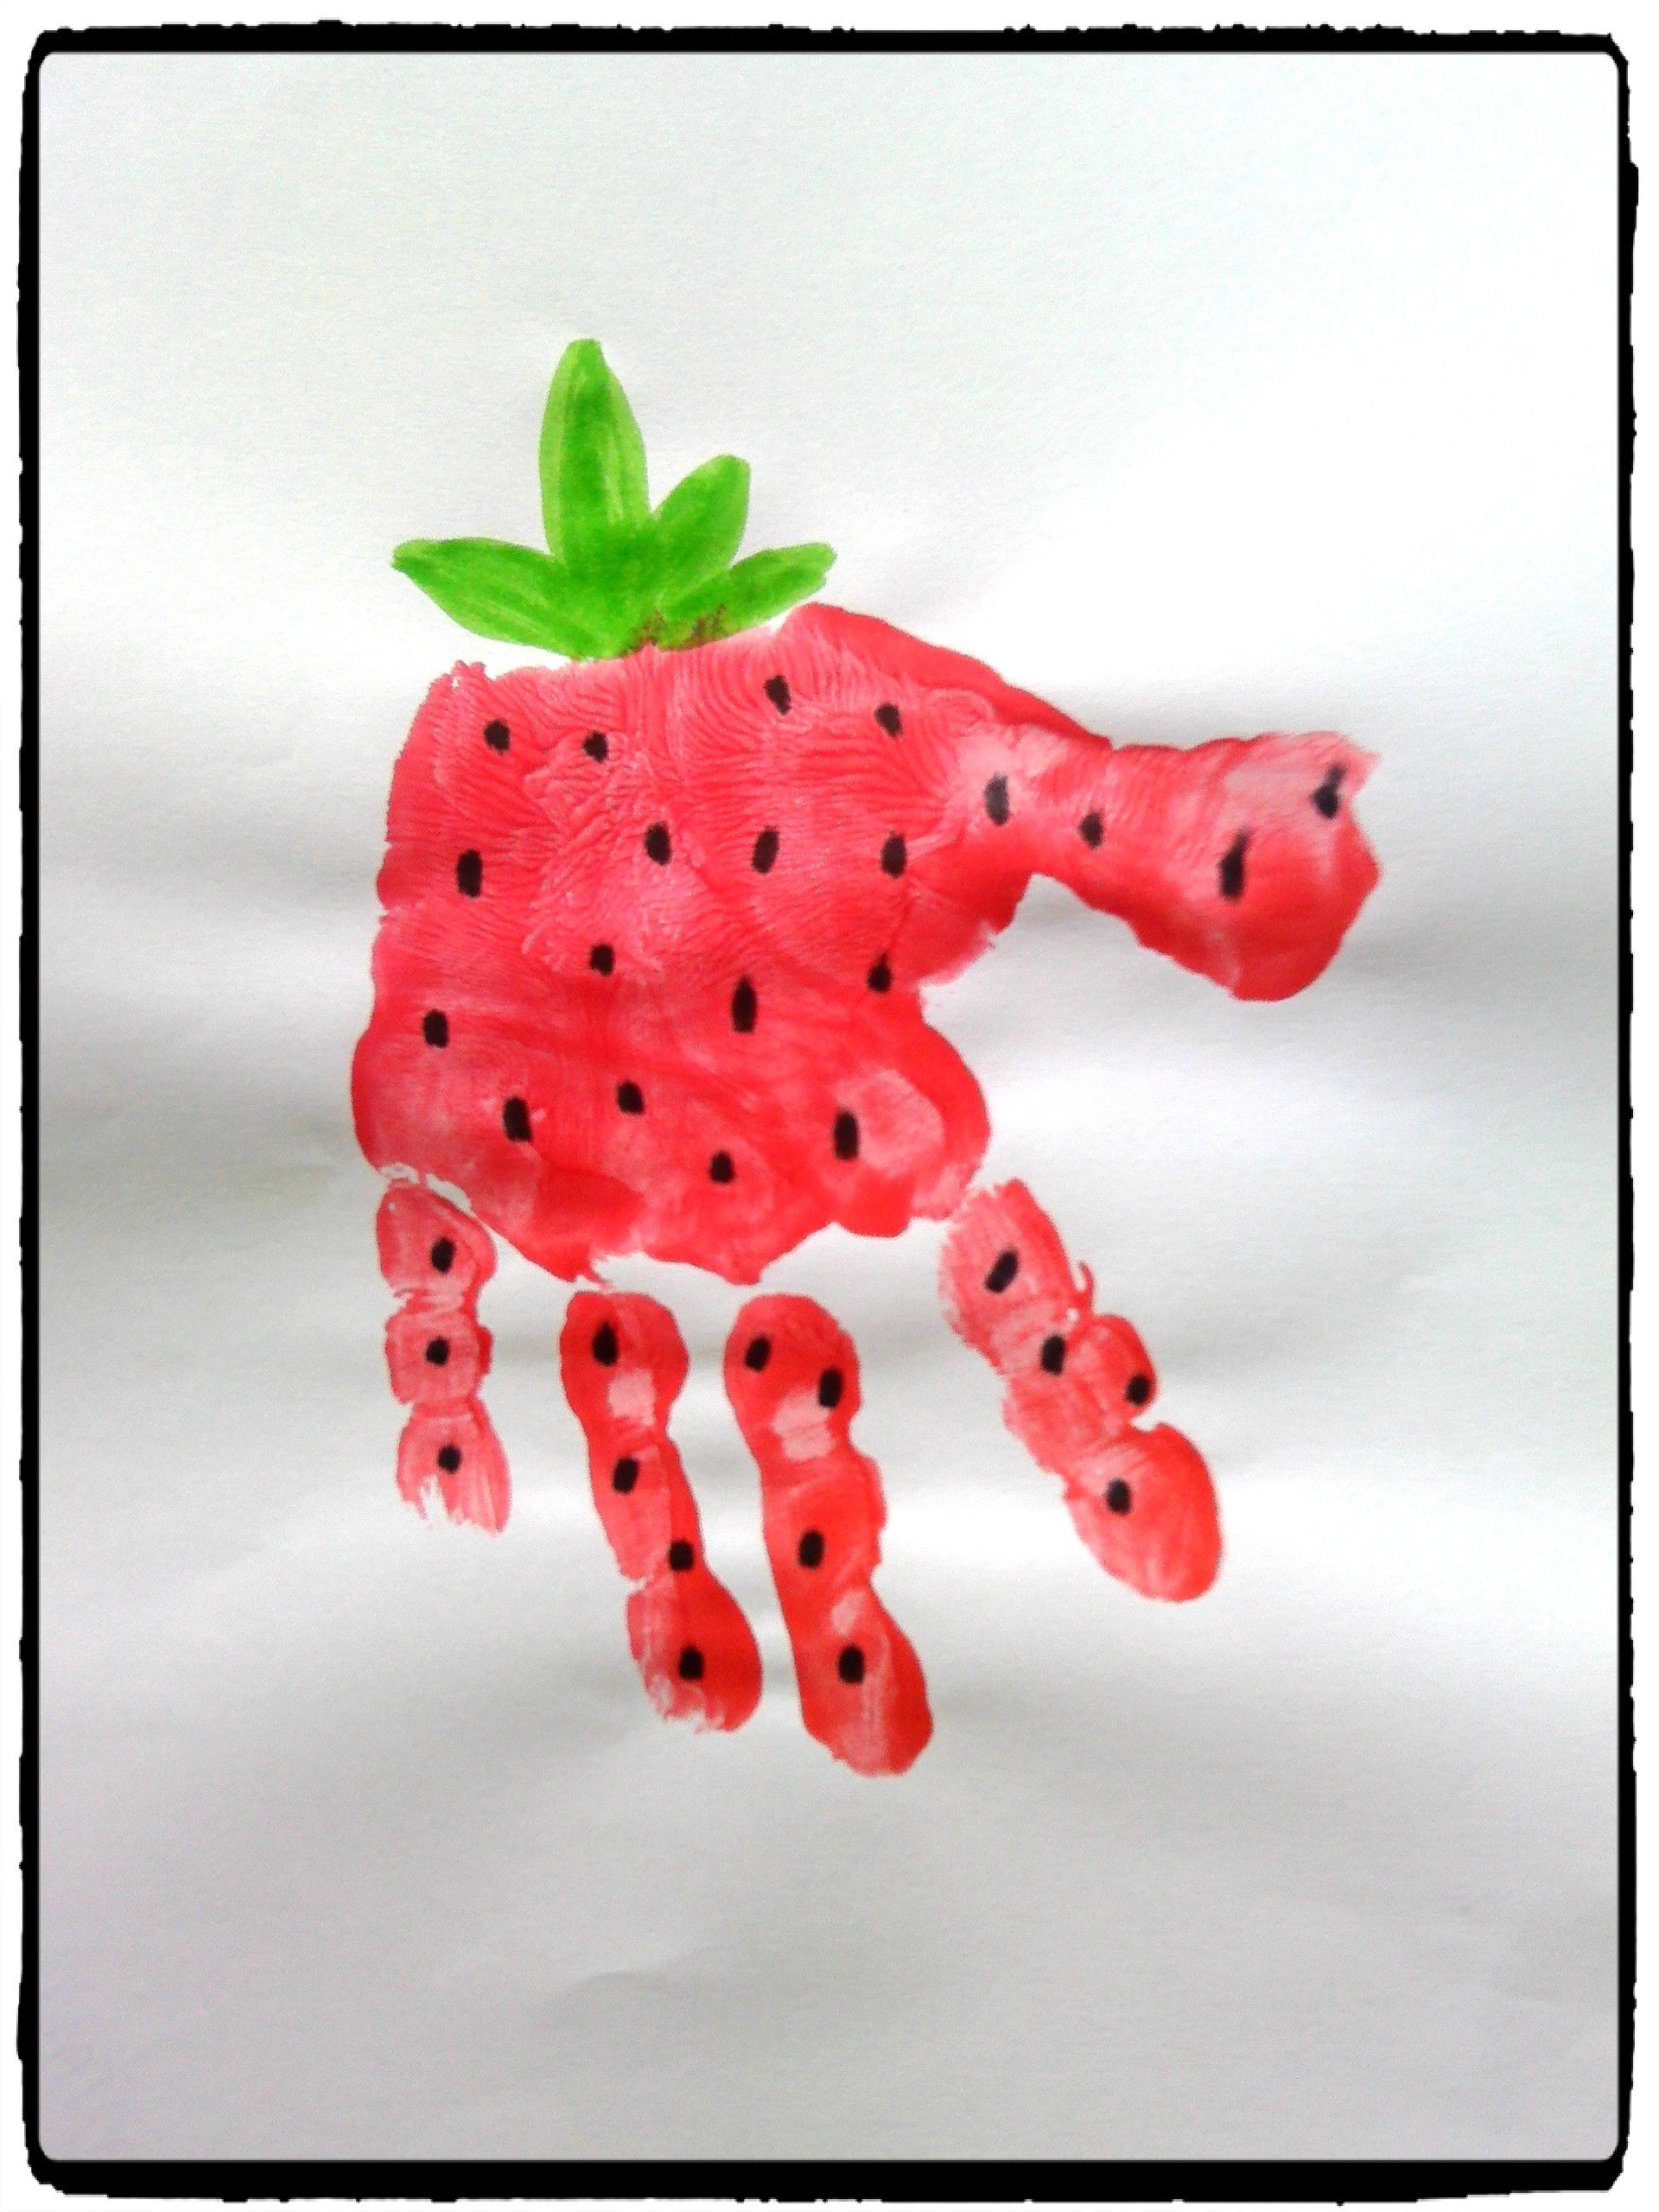 fraise en empreintes de mains t activit enfant l 39 t pinterest empreinte activit s. Black Bedroom Furniture Sets. Home Design Ideas